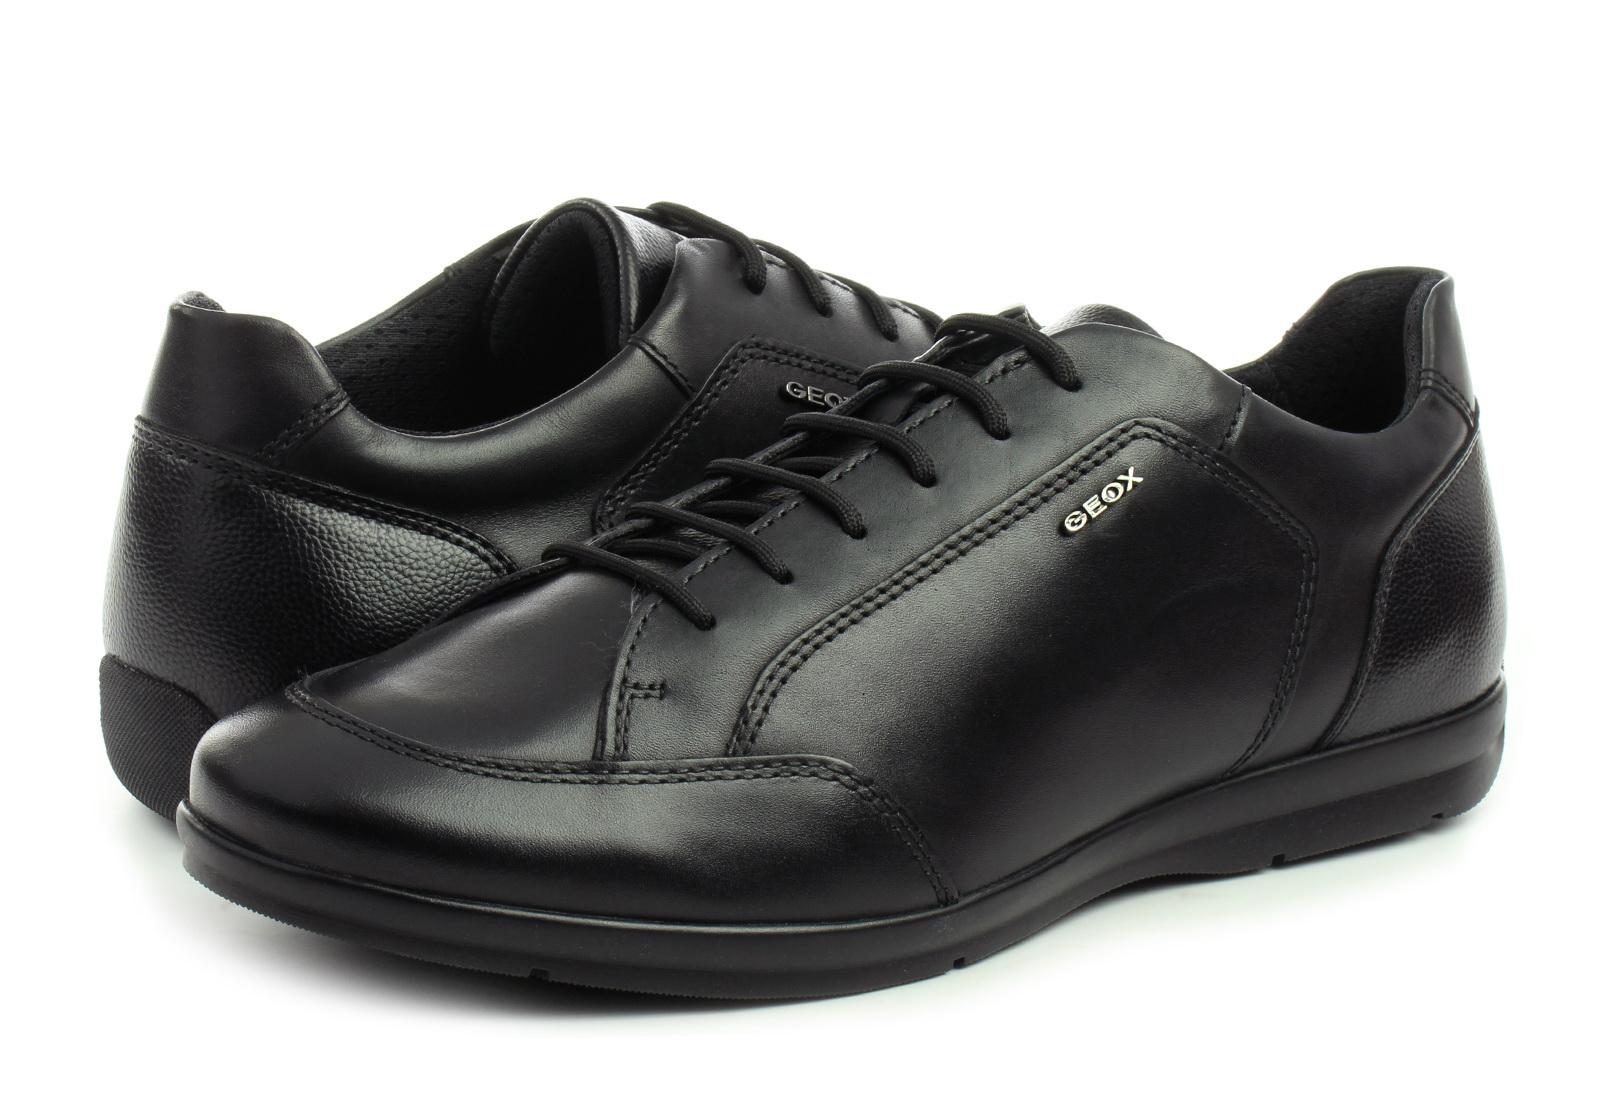 adoptar estación de televisión callejón  Geox Niske Cipele Crne Cipele - Adrien - Office Shoes - Online trgovina  obuće